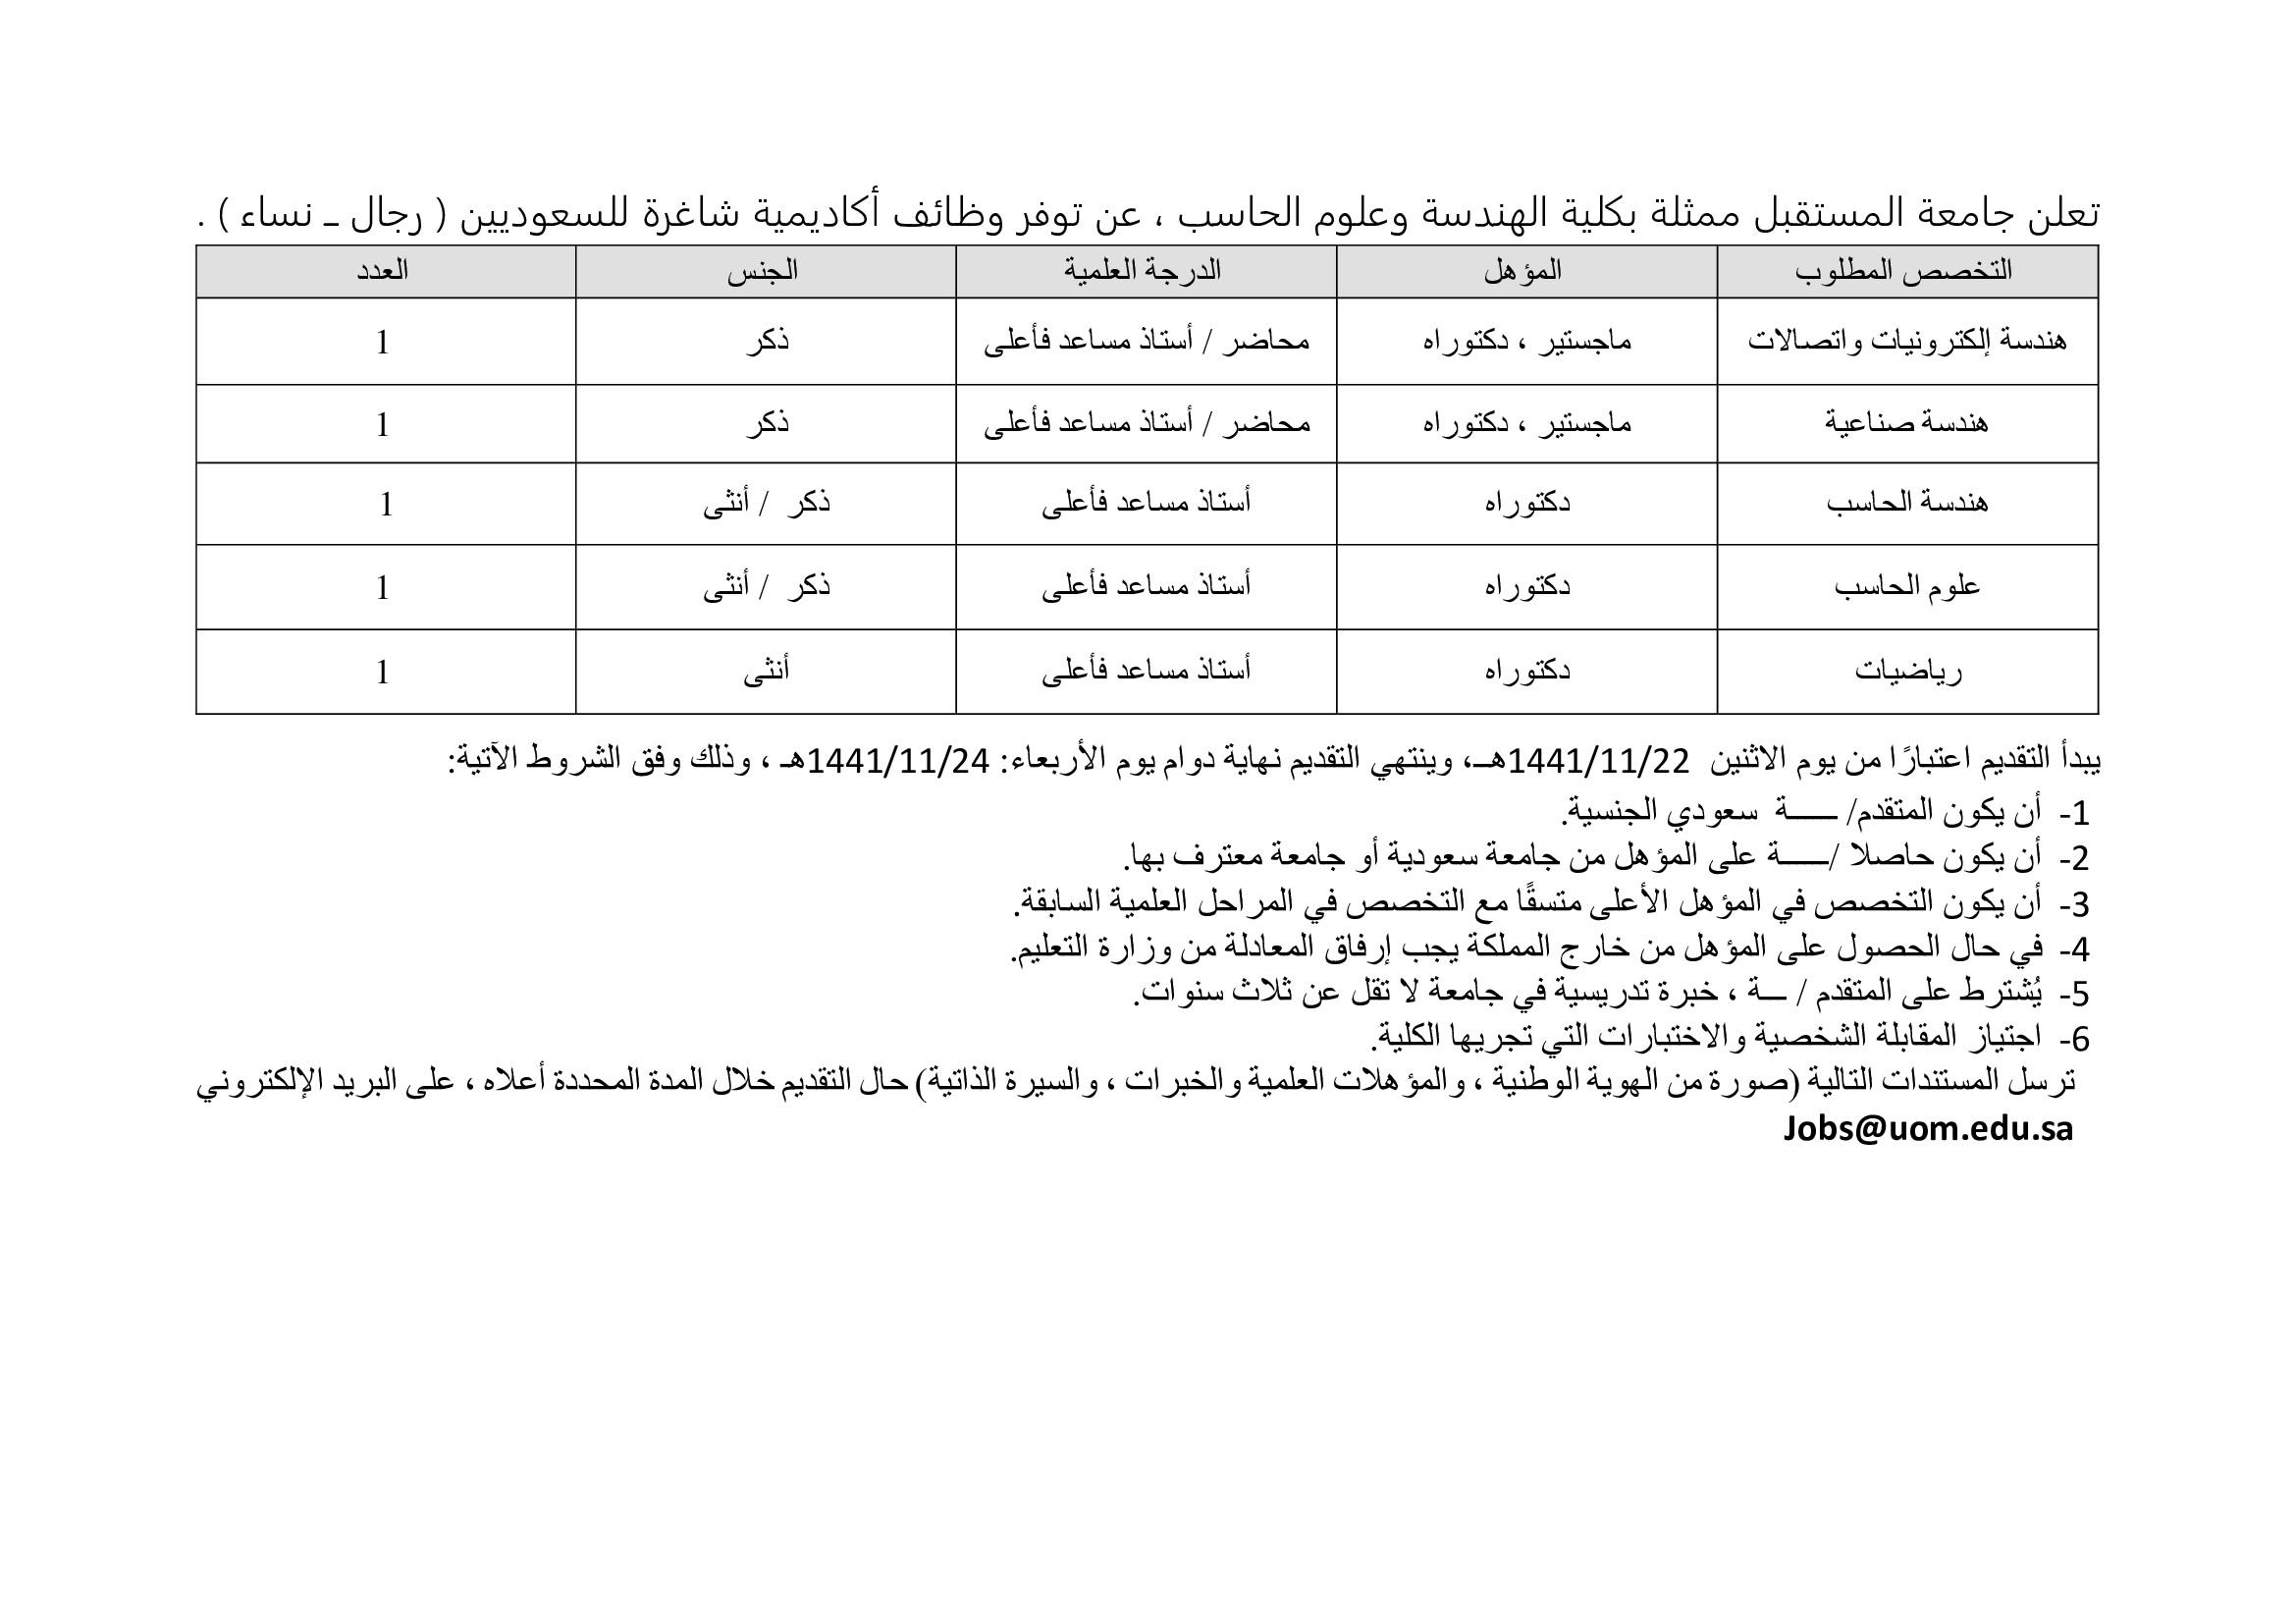 تعلن كلية الهندسة وعلوم الحاسب فى #جامعة_المستقبل عن وظائف أكاديمية للسعوديين ( رجال ــ نساء )  الايميل Jobs@uom.edu.sa  #وظائف_نسائيه #وظائف_اكاديمية #وظائف_شاغرة